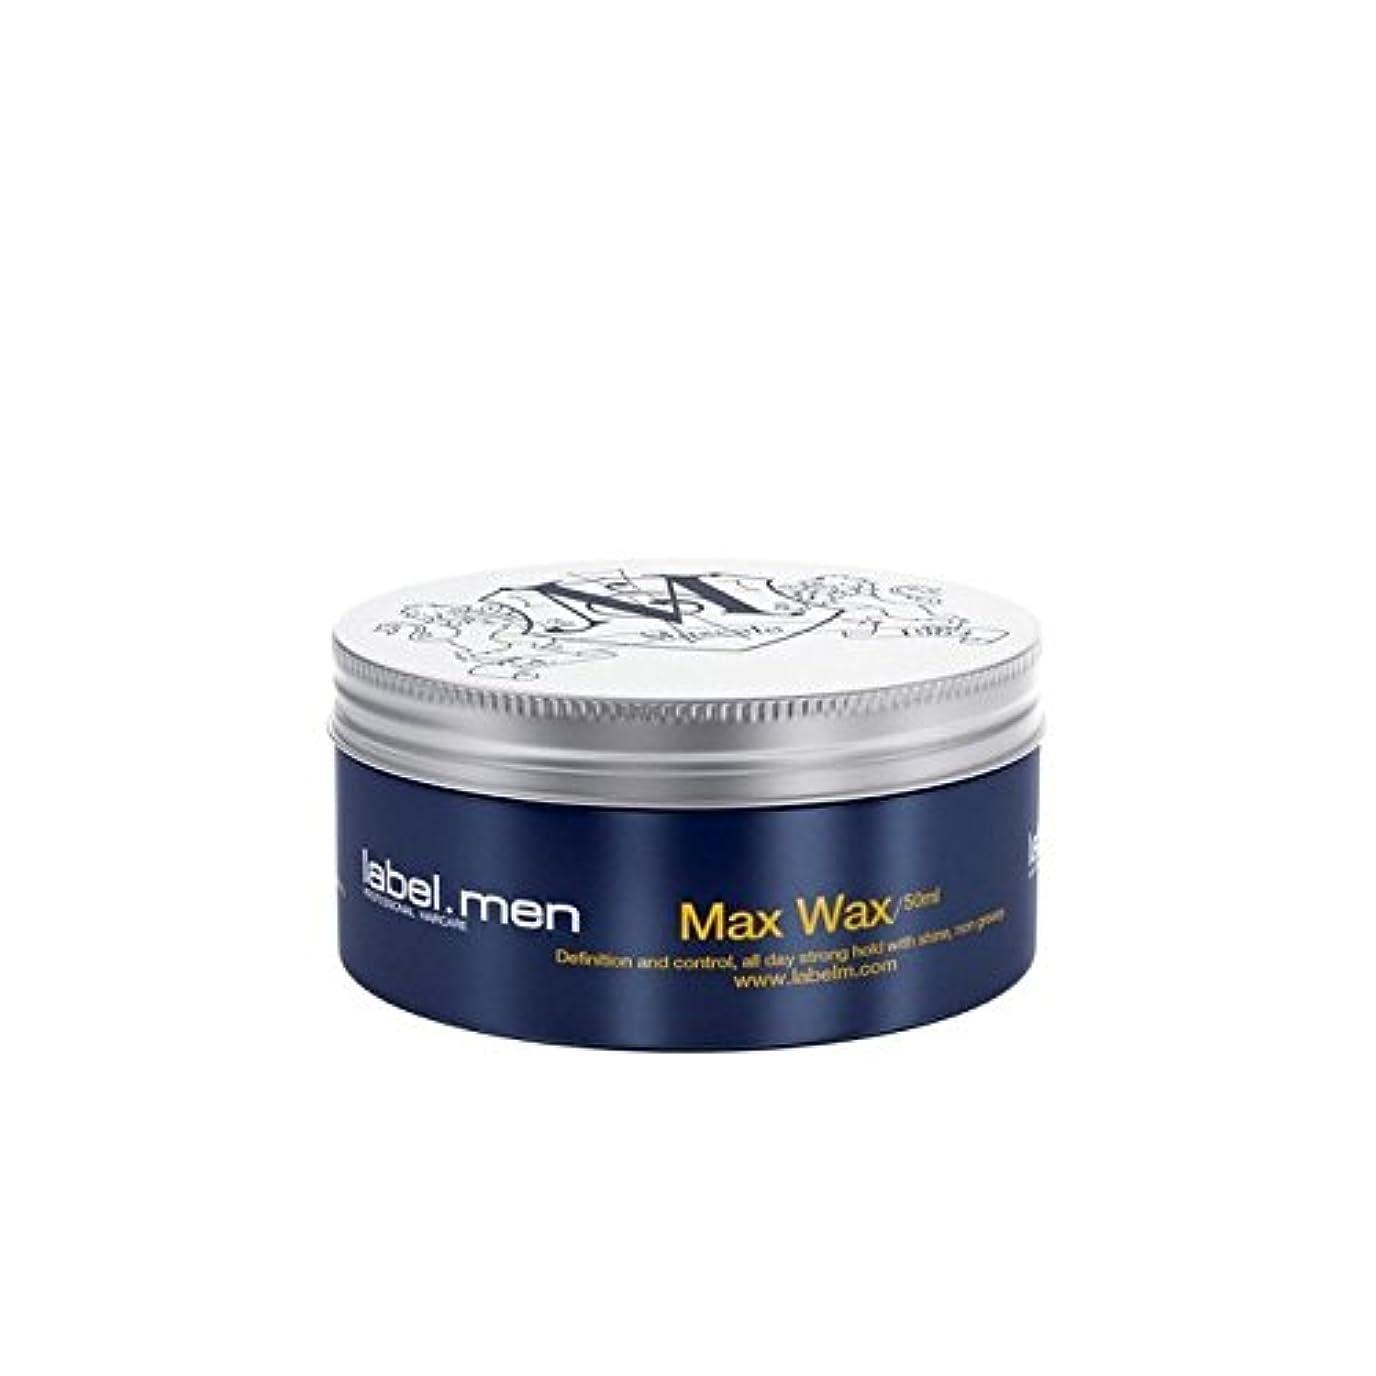 アラート去る仮説.マックスワックス(50ミリリットル) x4 - Label.Men Max Wax (50ml) (Pack of 4) [並行輸入品]